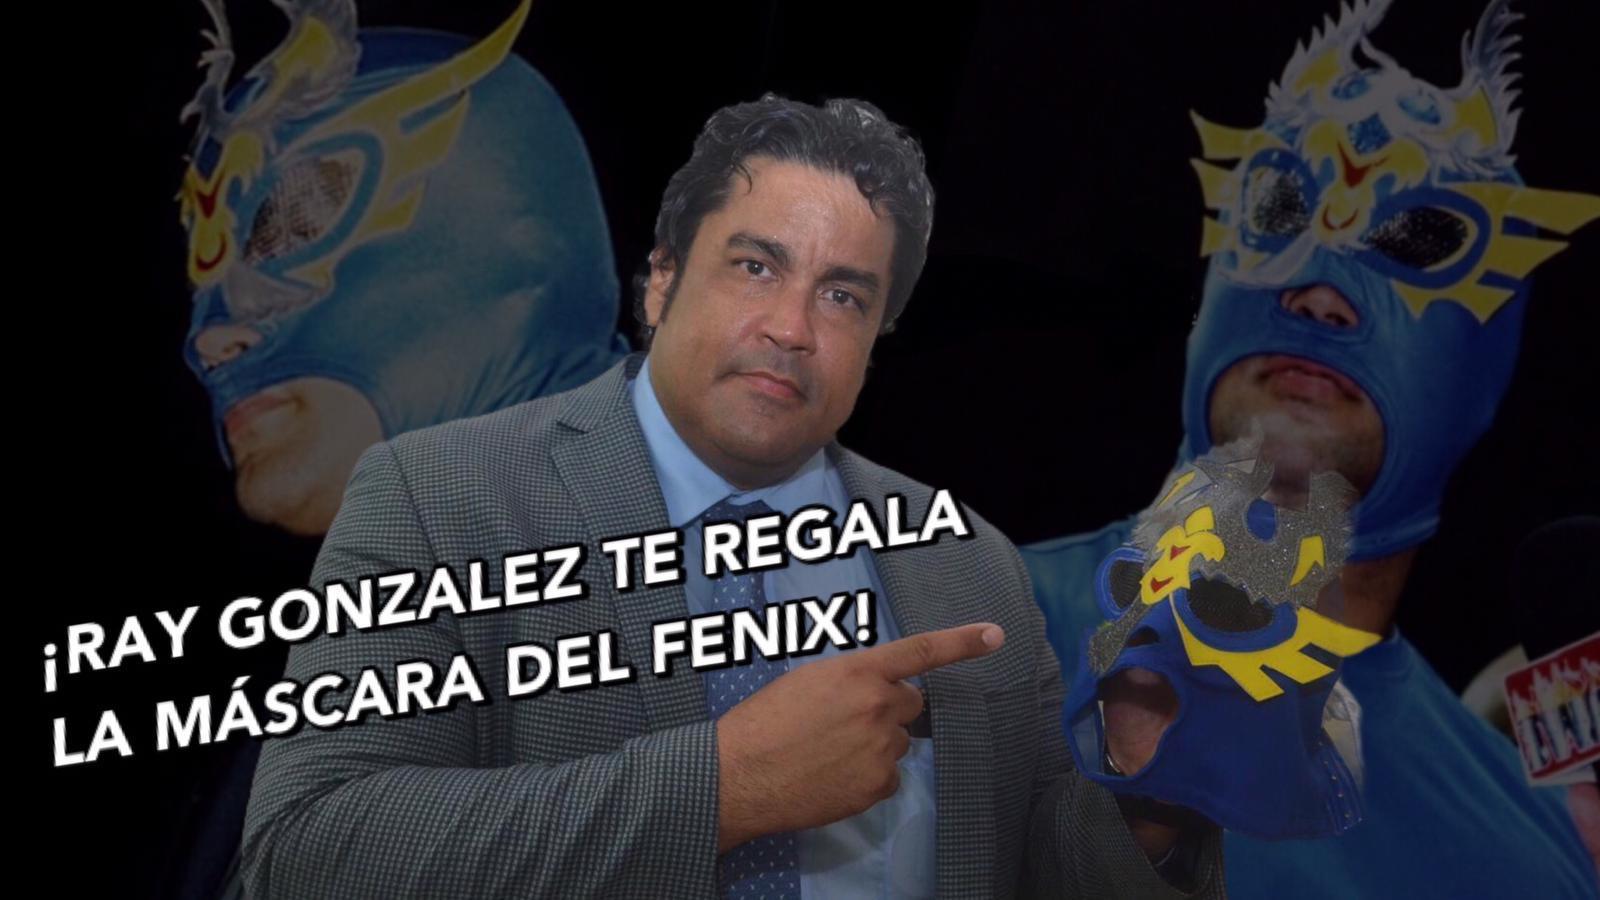 ¡Ray Gonzalez te regala la máscara del Fenix! 1